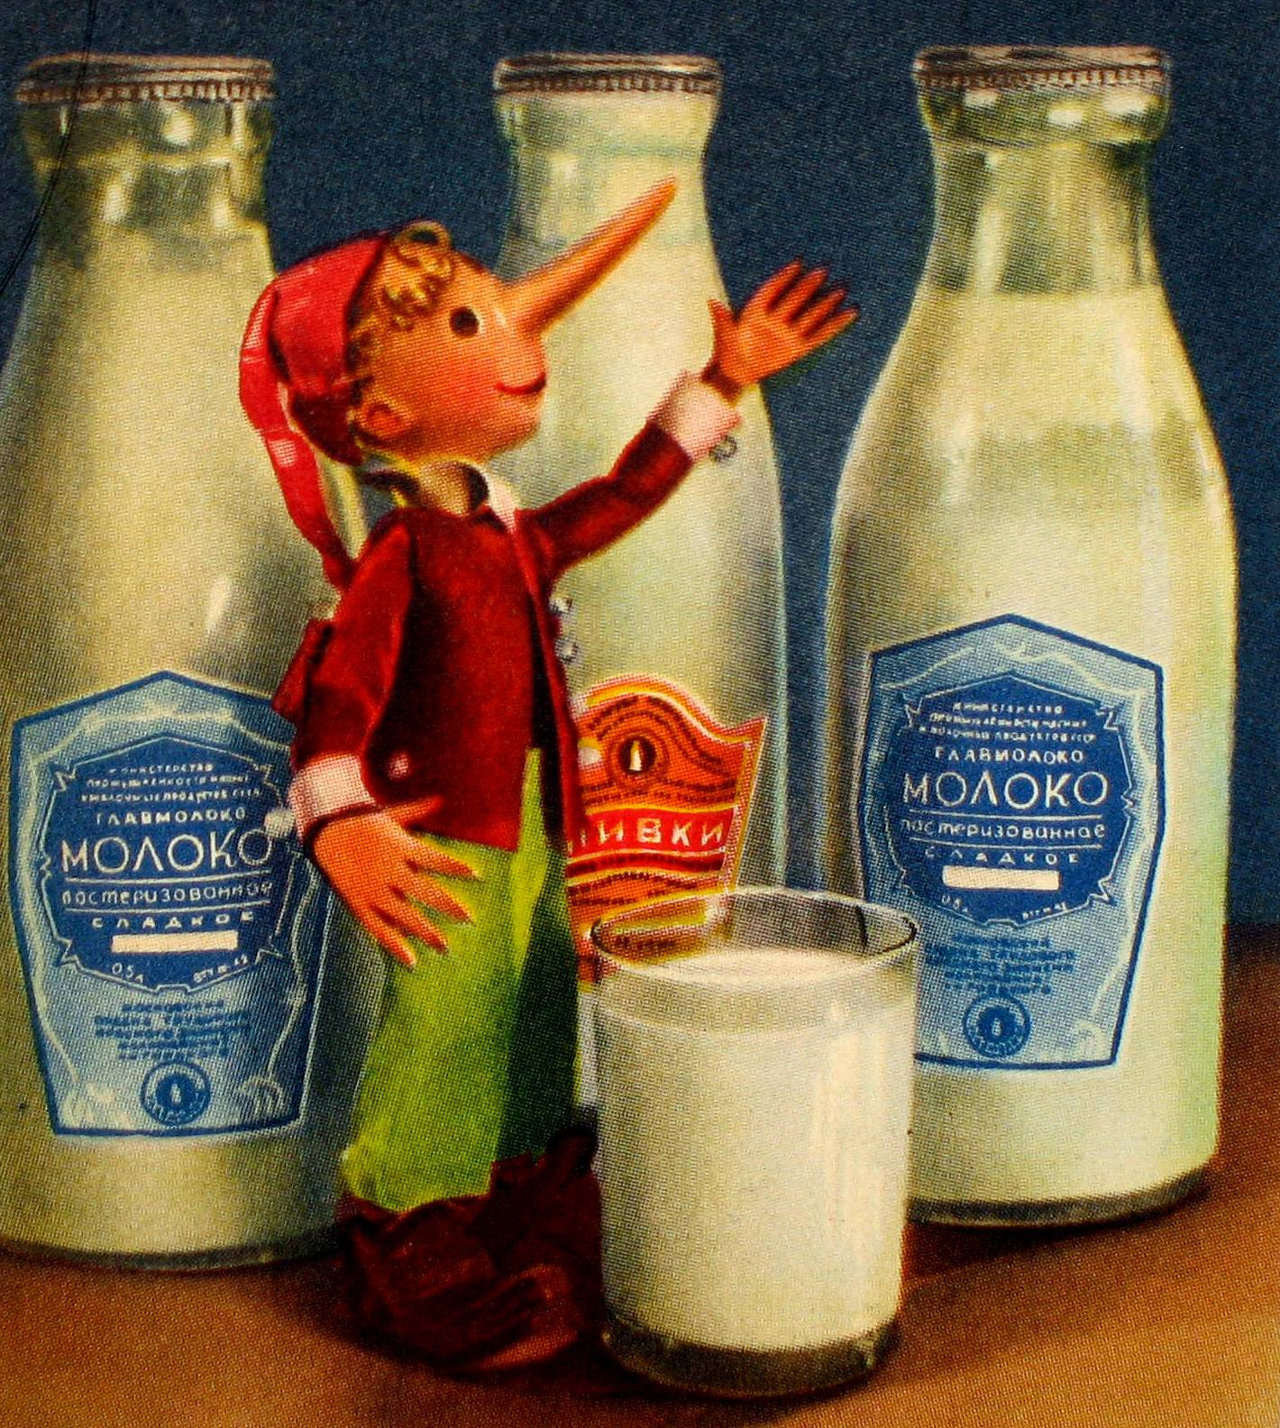 молочная продукция в ссср фото многие годы